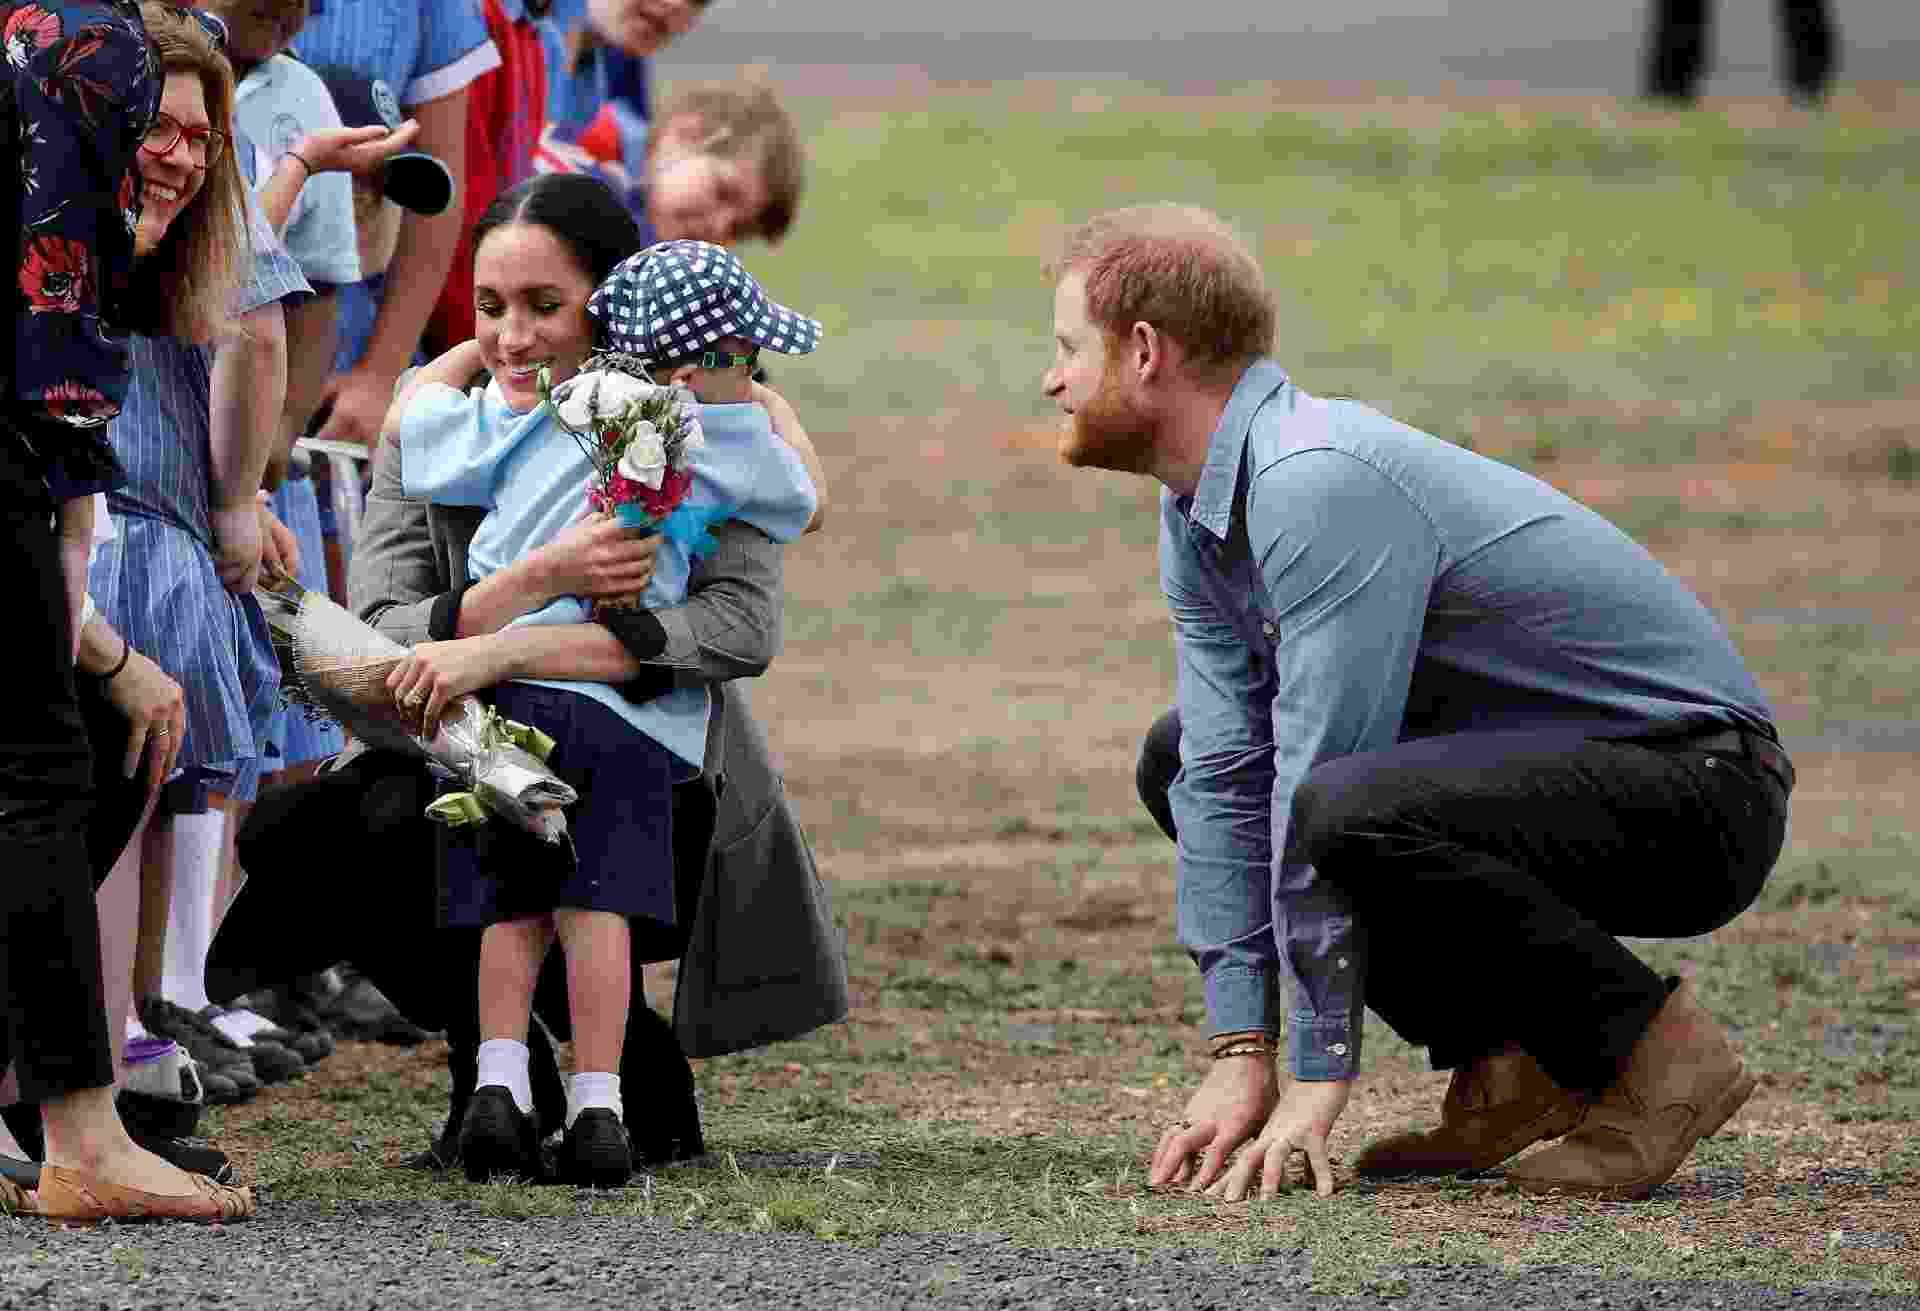 Em Dubbo, na Austrália, o garotinho Luke Vincent roubou a cena ao pular o bloqueio do público e interagir diretamente com Meghan e Harry - Getty Images